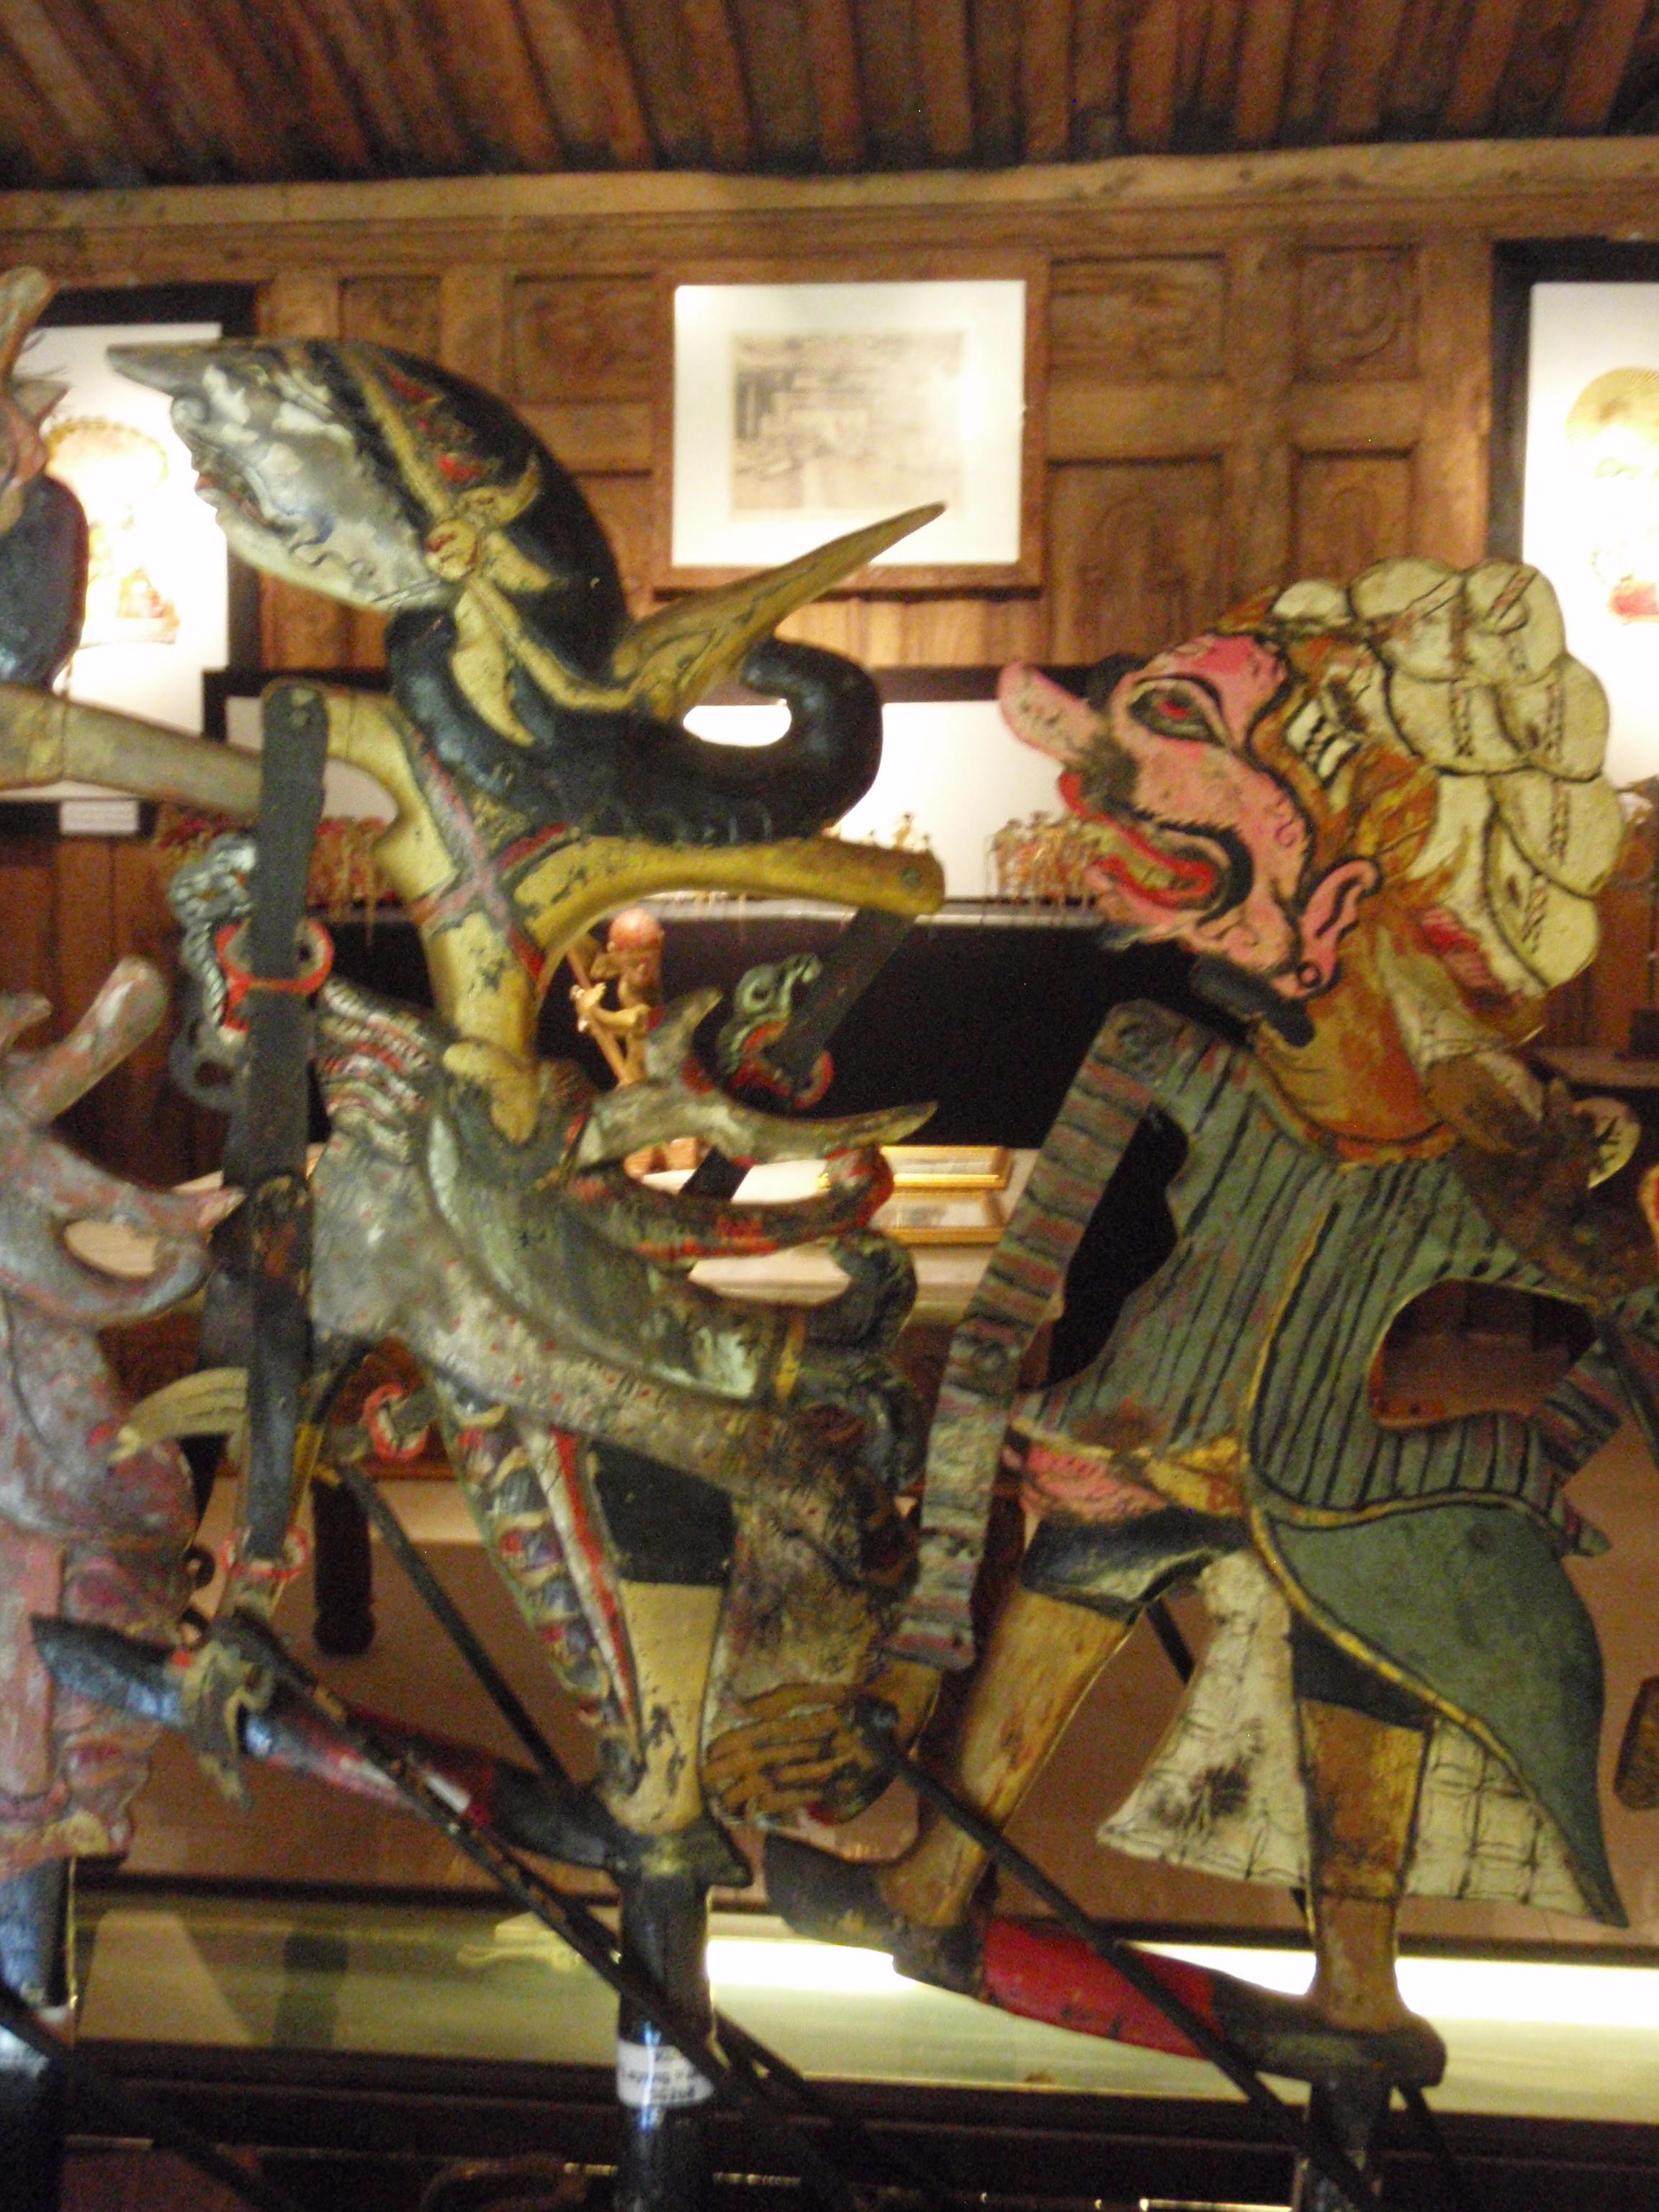 Wayang klitik tatakan (Java oriental), un style de wayang développé au XVIIe siècle présentant des histoires basées sur le roi légendaire javanais, Damarwulan. Marionnettes plates en bois, peintes et sculptées selon la tradition de wayang <em>kulit</em>. Collection : Setia Darma House of Masks and Puppets, Gianyar, Bali, Indonésie.